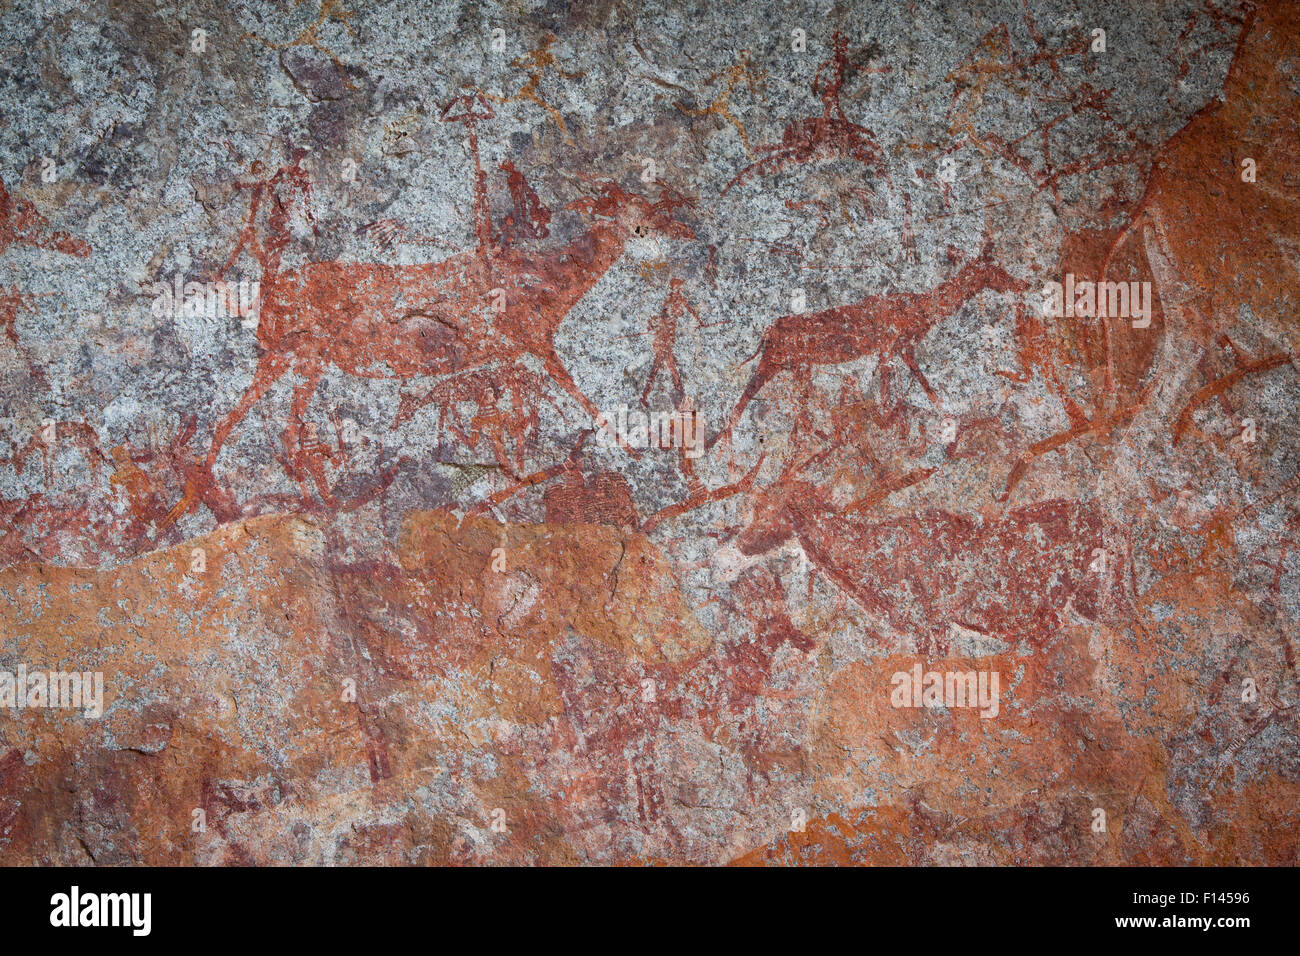 Las figuras humanas y la fauna representada en San bushman pinturas rupestres, estimada en alrededor de 2000 años Imagen De Stock